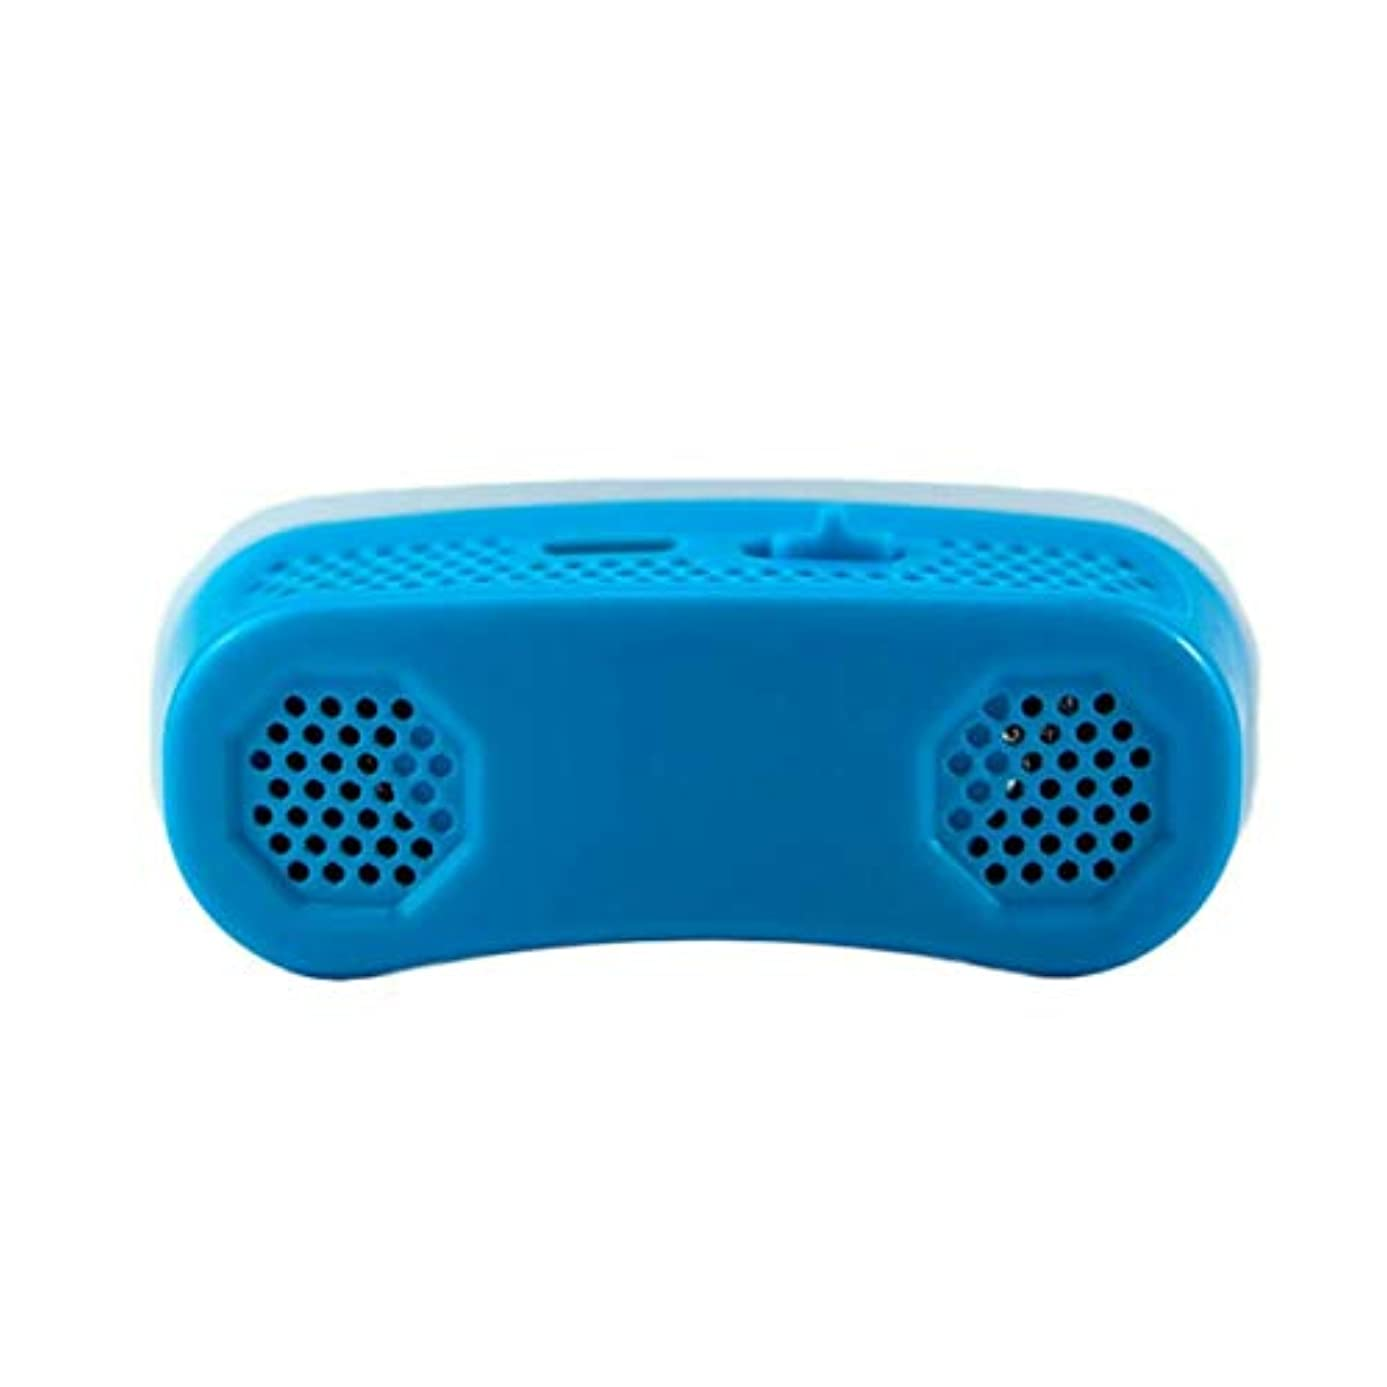 ドレイン知り合いになる割り当て睡眠時無呼吸停止いびき止め栓 - 青のためのマイクロCPAP抗いびき電子デバイス